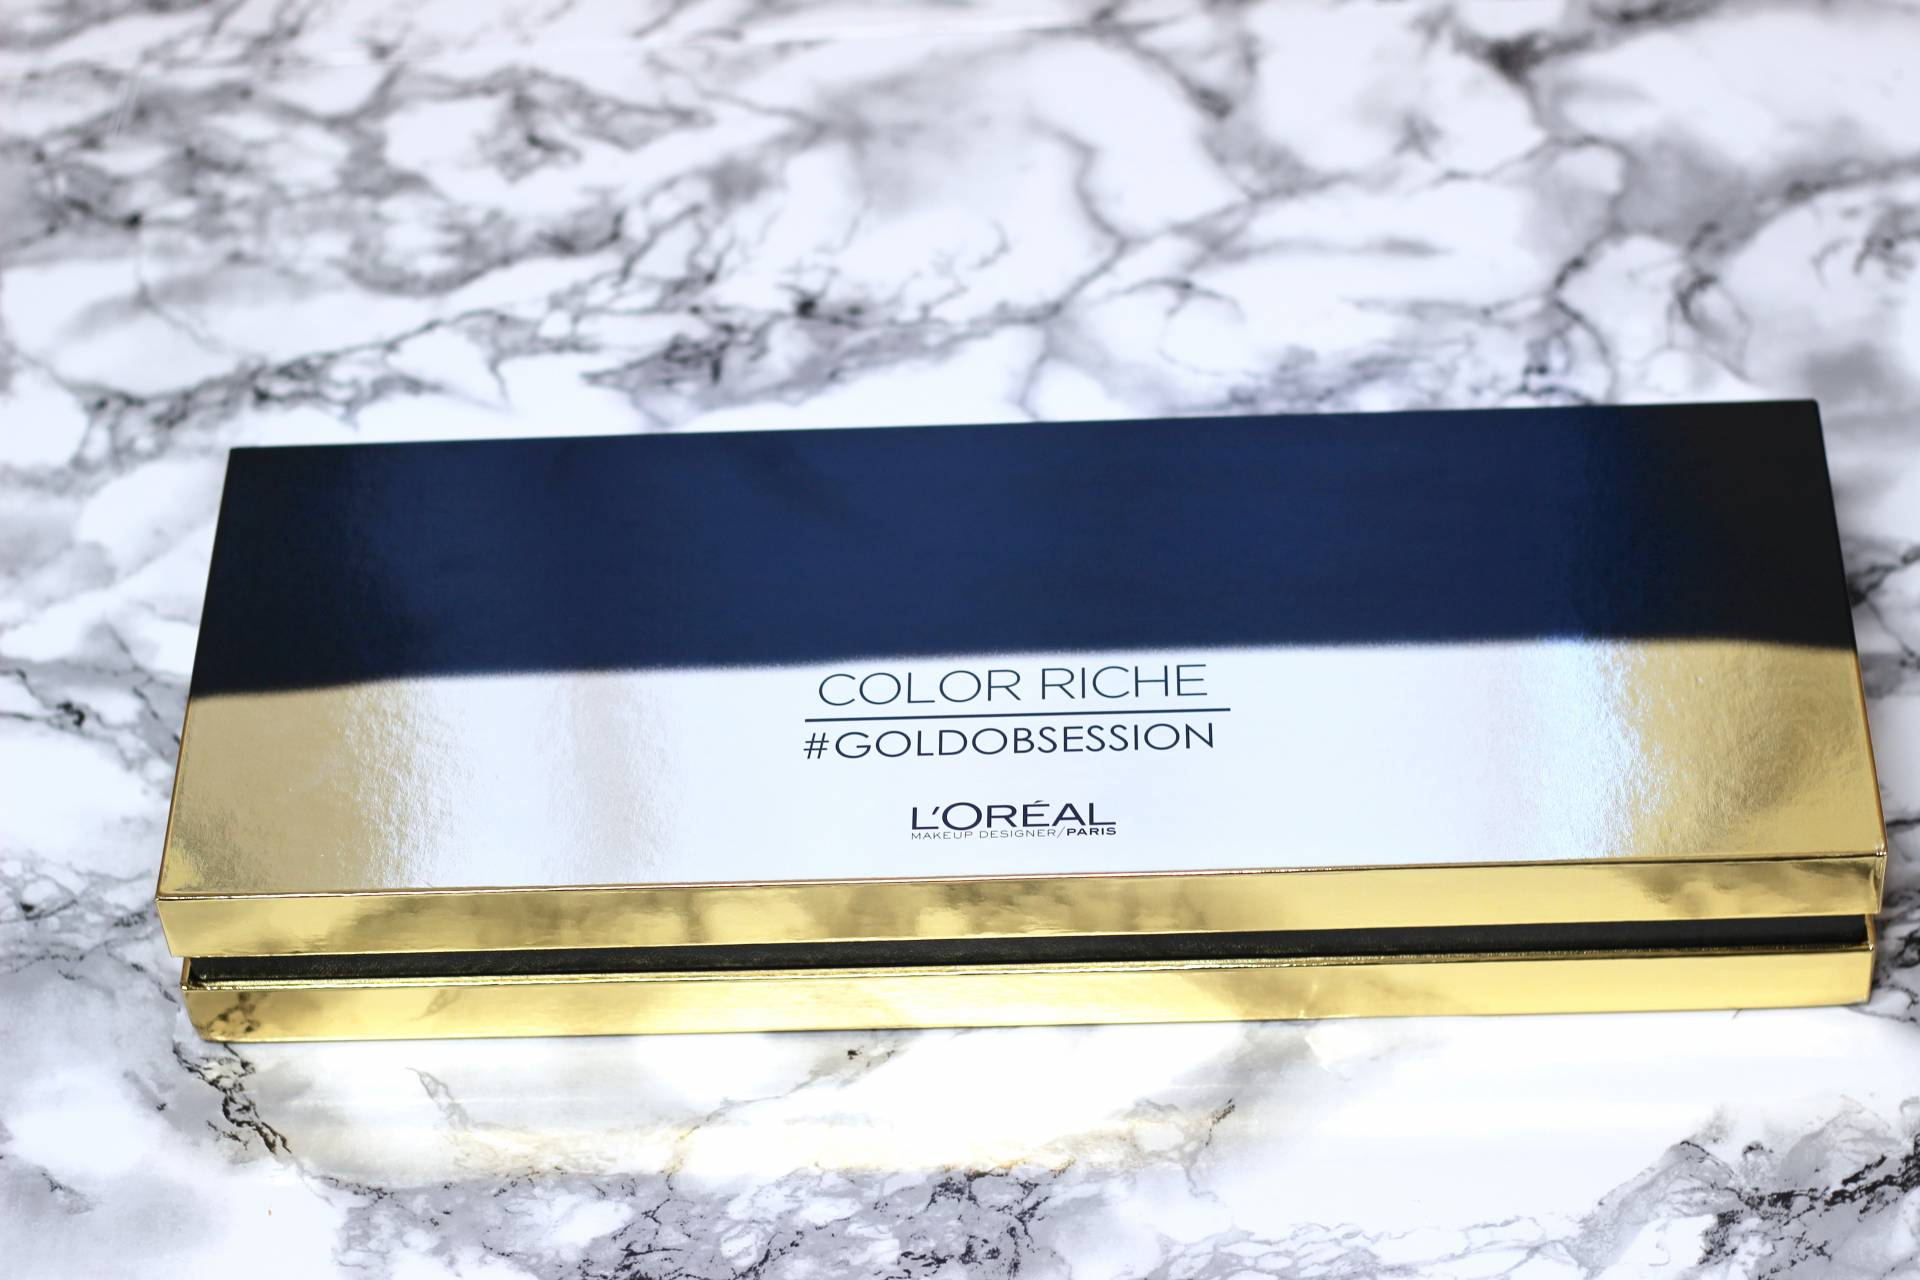 COLOUR RICHE GOLDOBSESSION L'ORÉAL